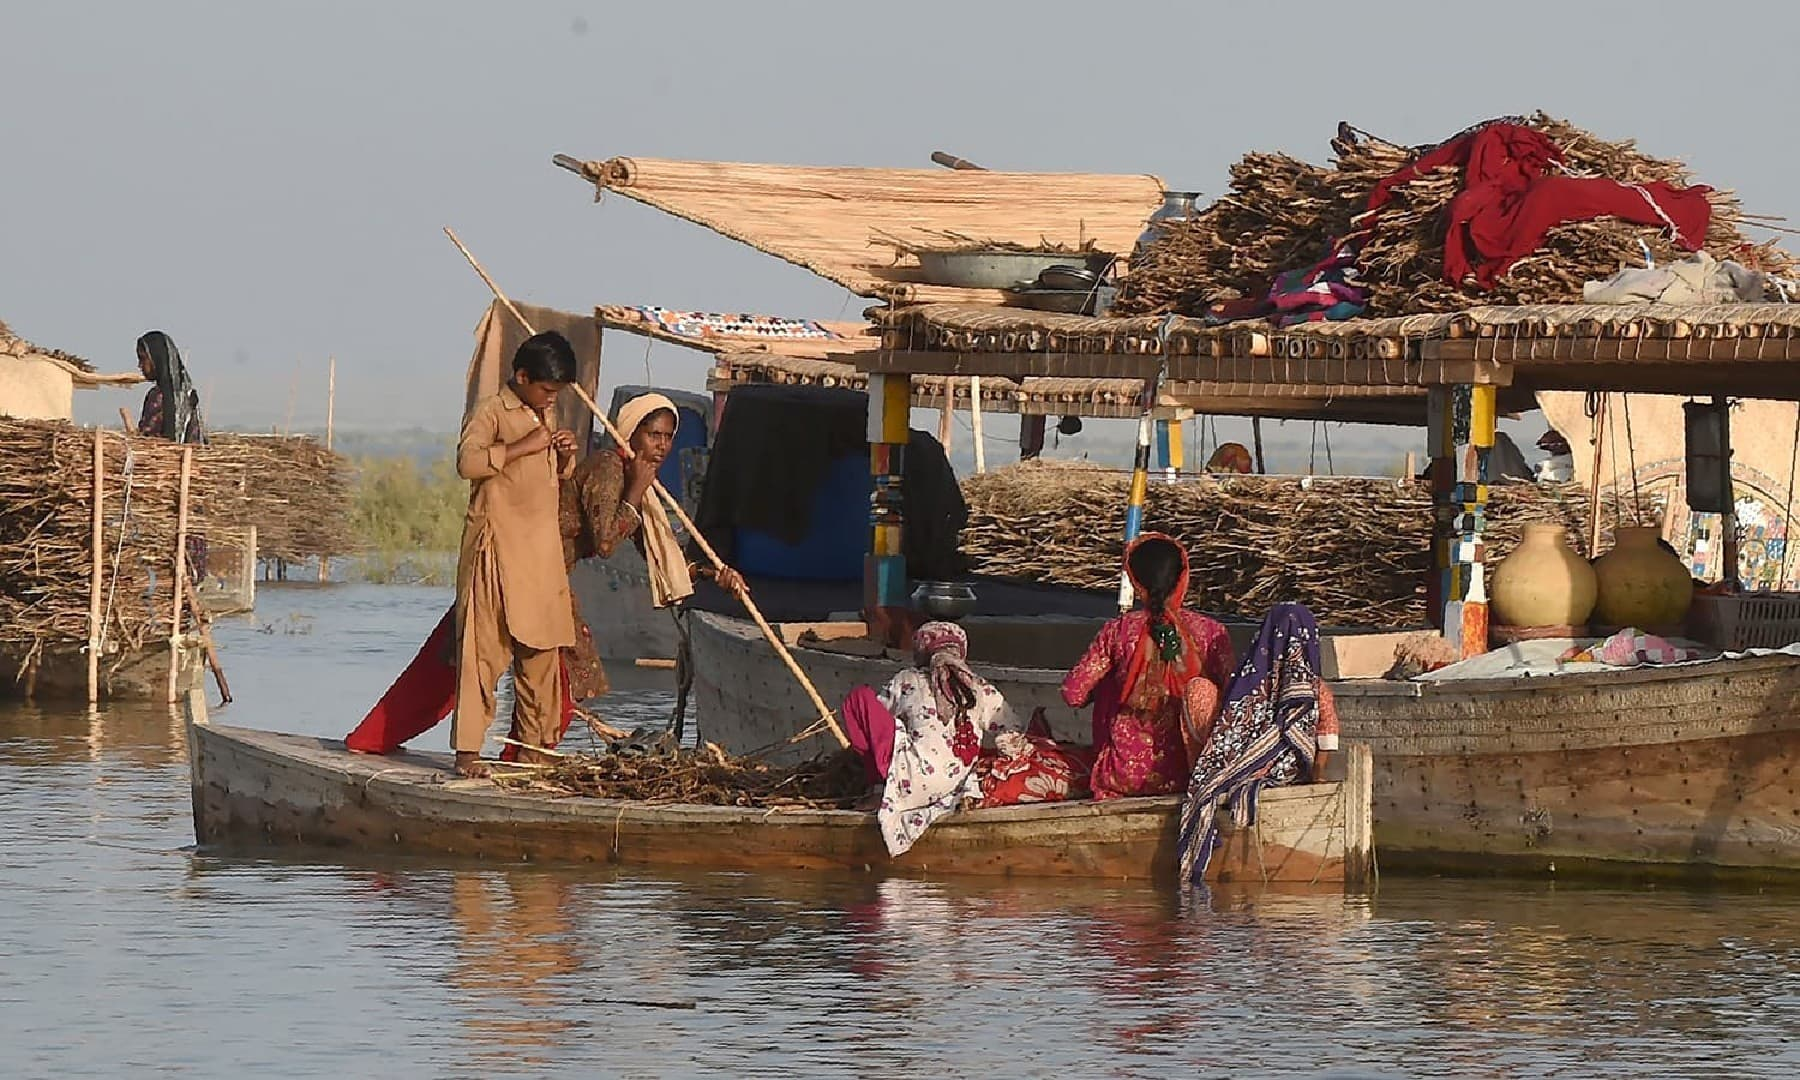 کچھ عورتیں برتن مانجھتی تھیں، کچھ کشتیوں پر کپڑے اور رلیاں دھوپ میں سوکھنے کے لیے پڑی تھیں—مصطفیٰ میرانی